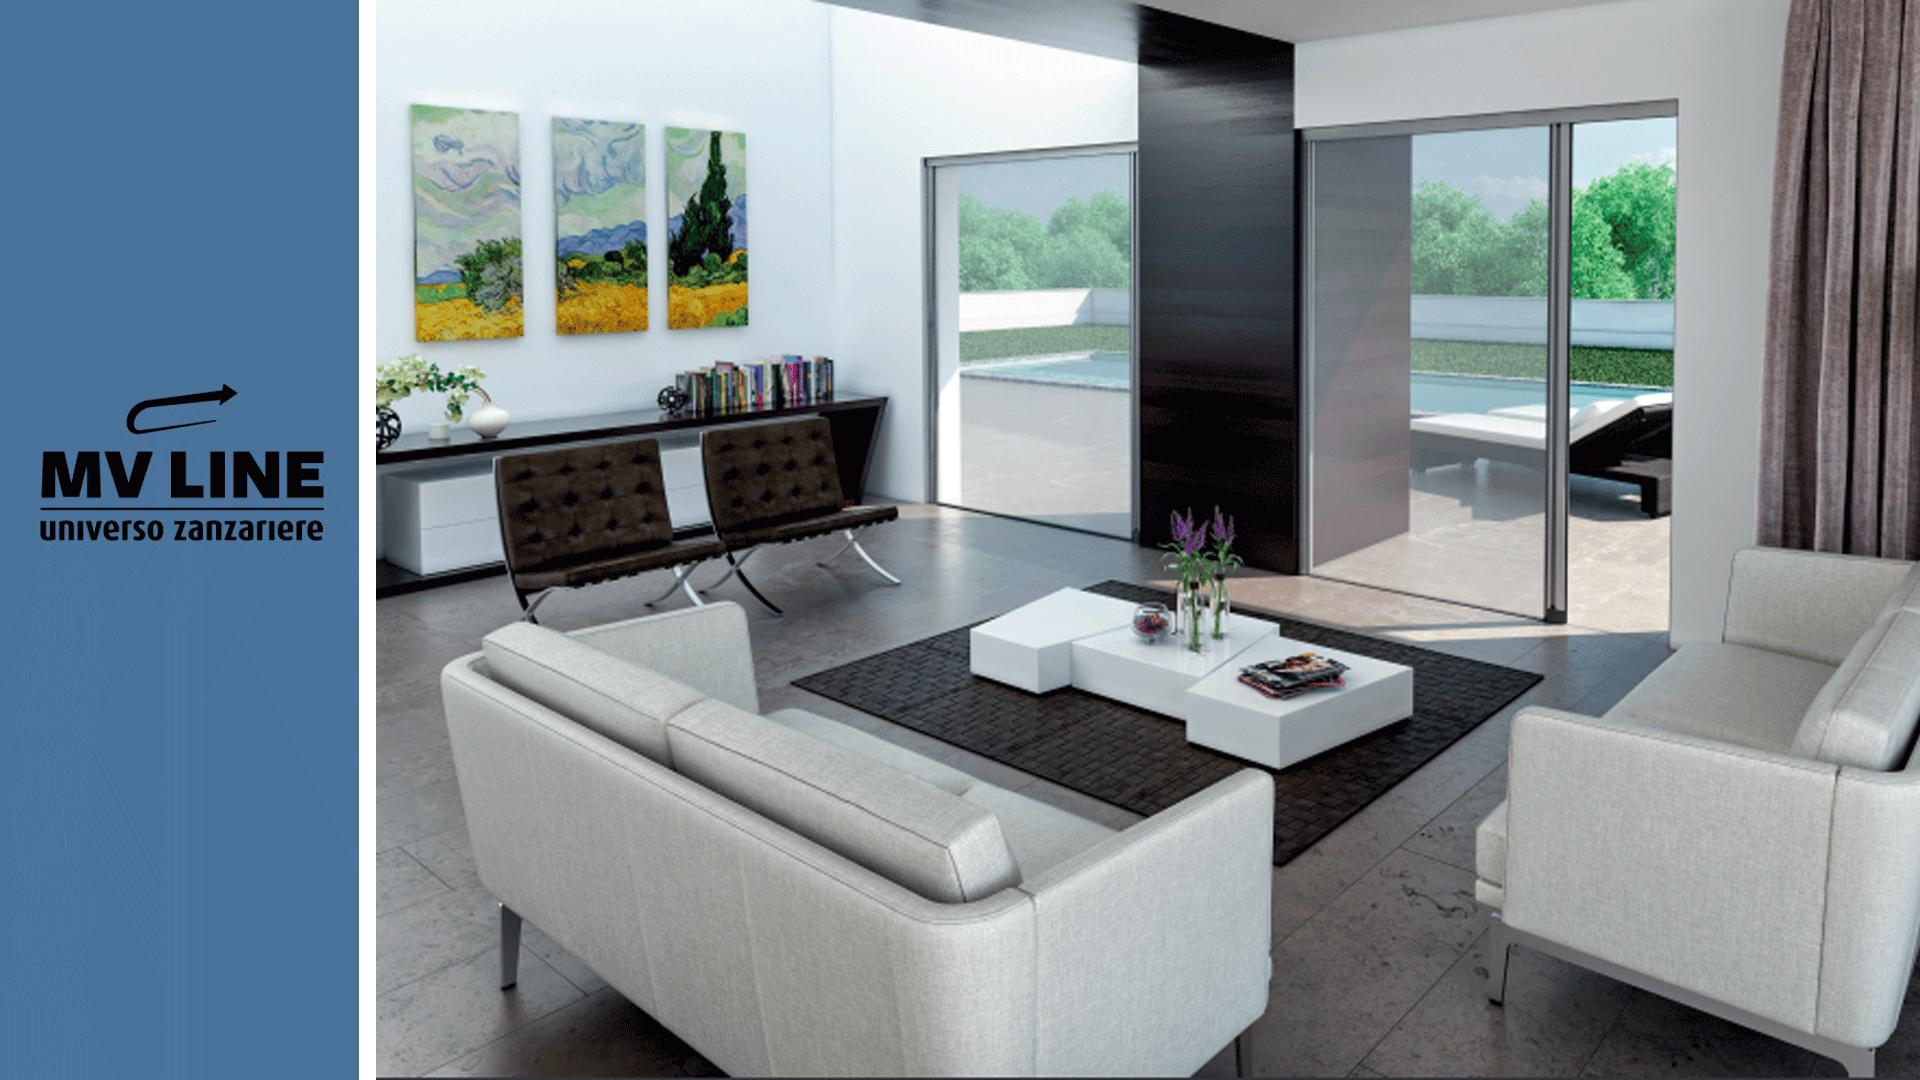 Come scegliere le zanzariere: 5 tipologie per la tua casa